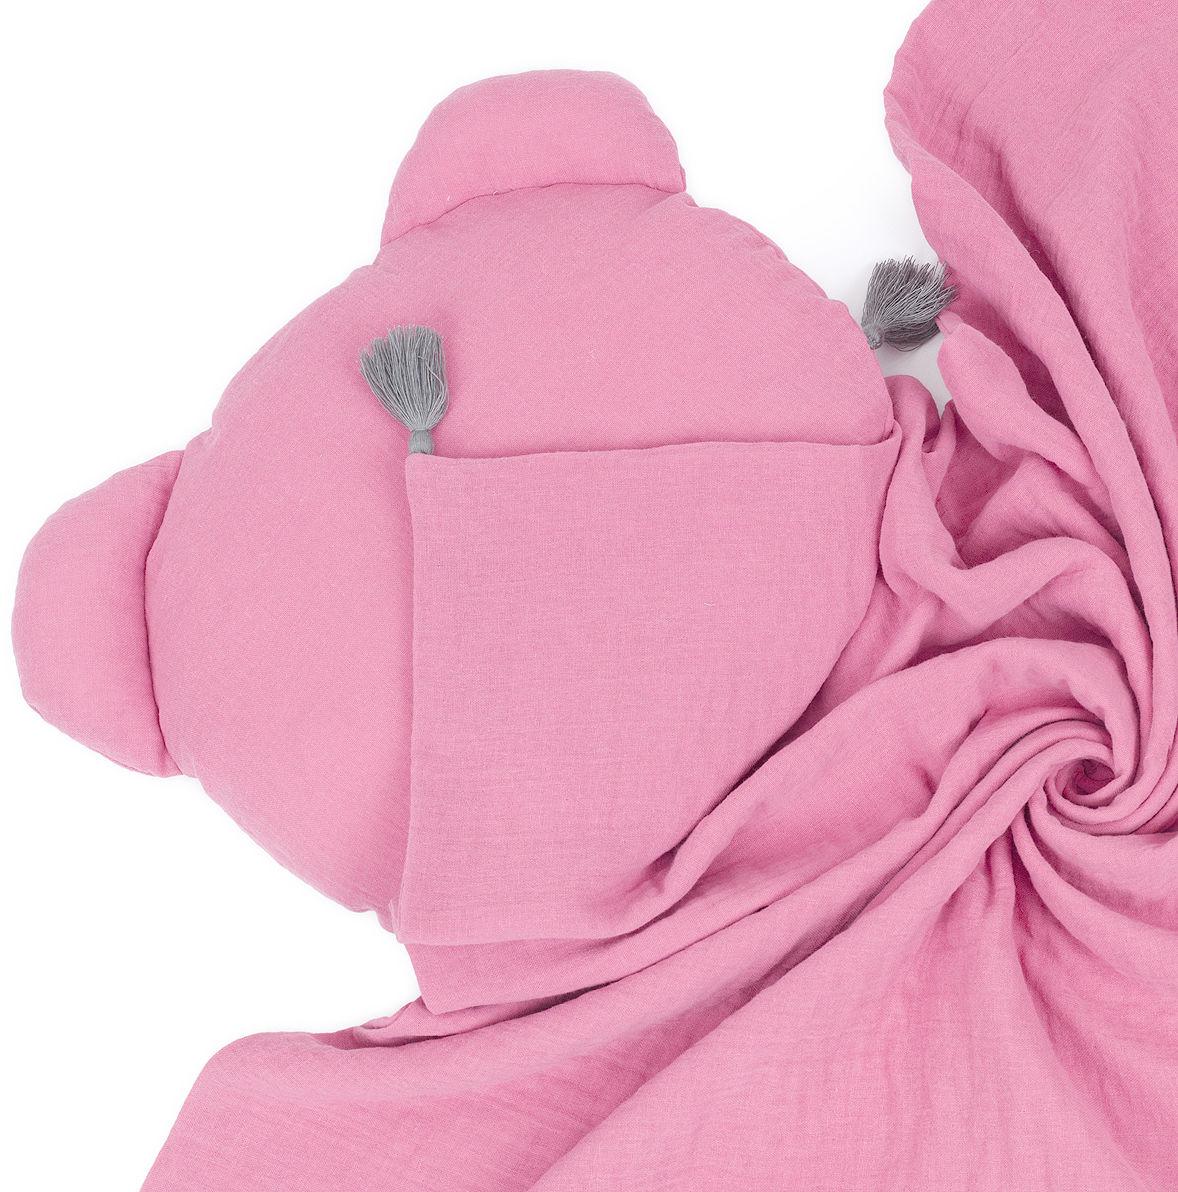 MAMO-TATO Komplet kocyk muślinowy + poduszka MIŚ Double Gauze dla dzieci i niemowląt z chwostami - Różany